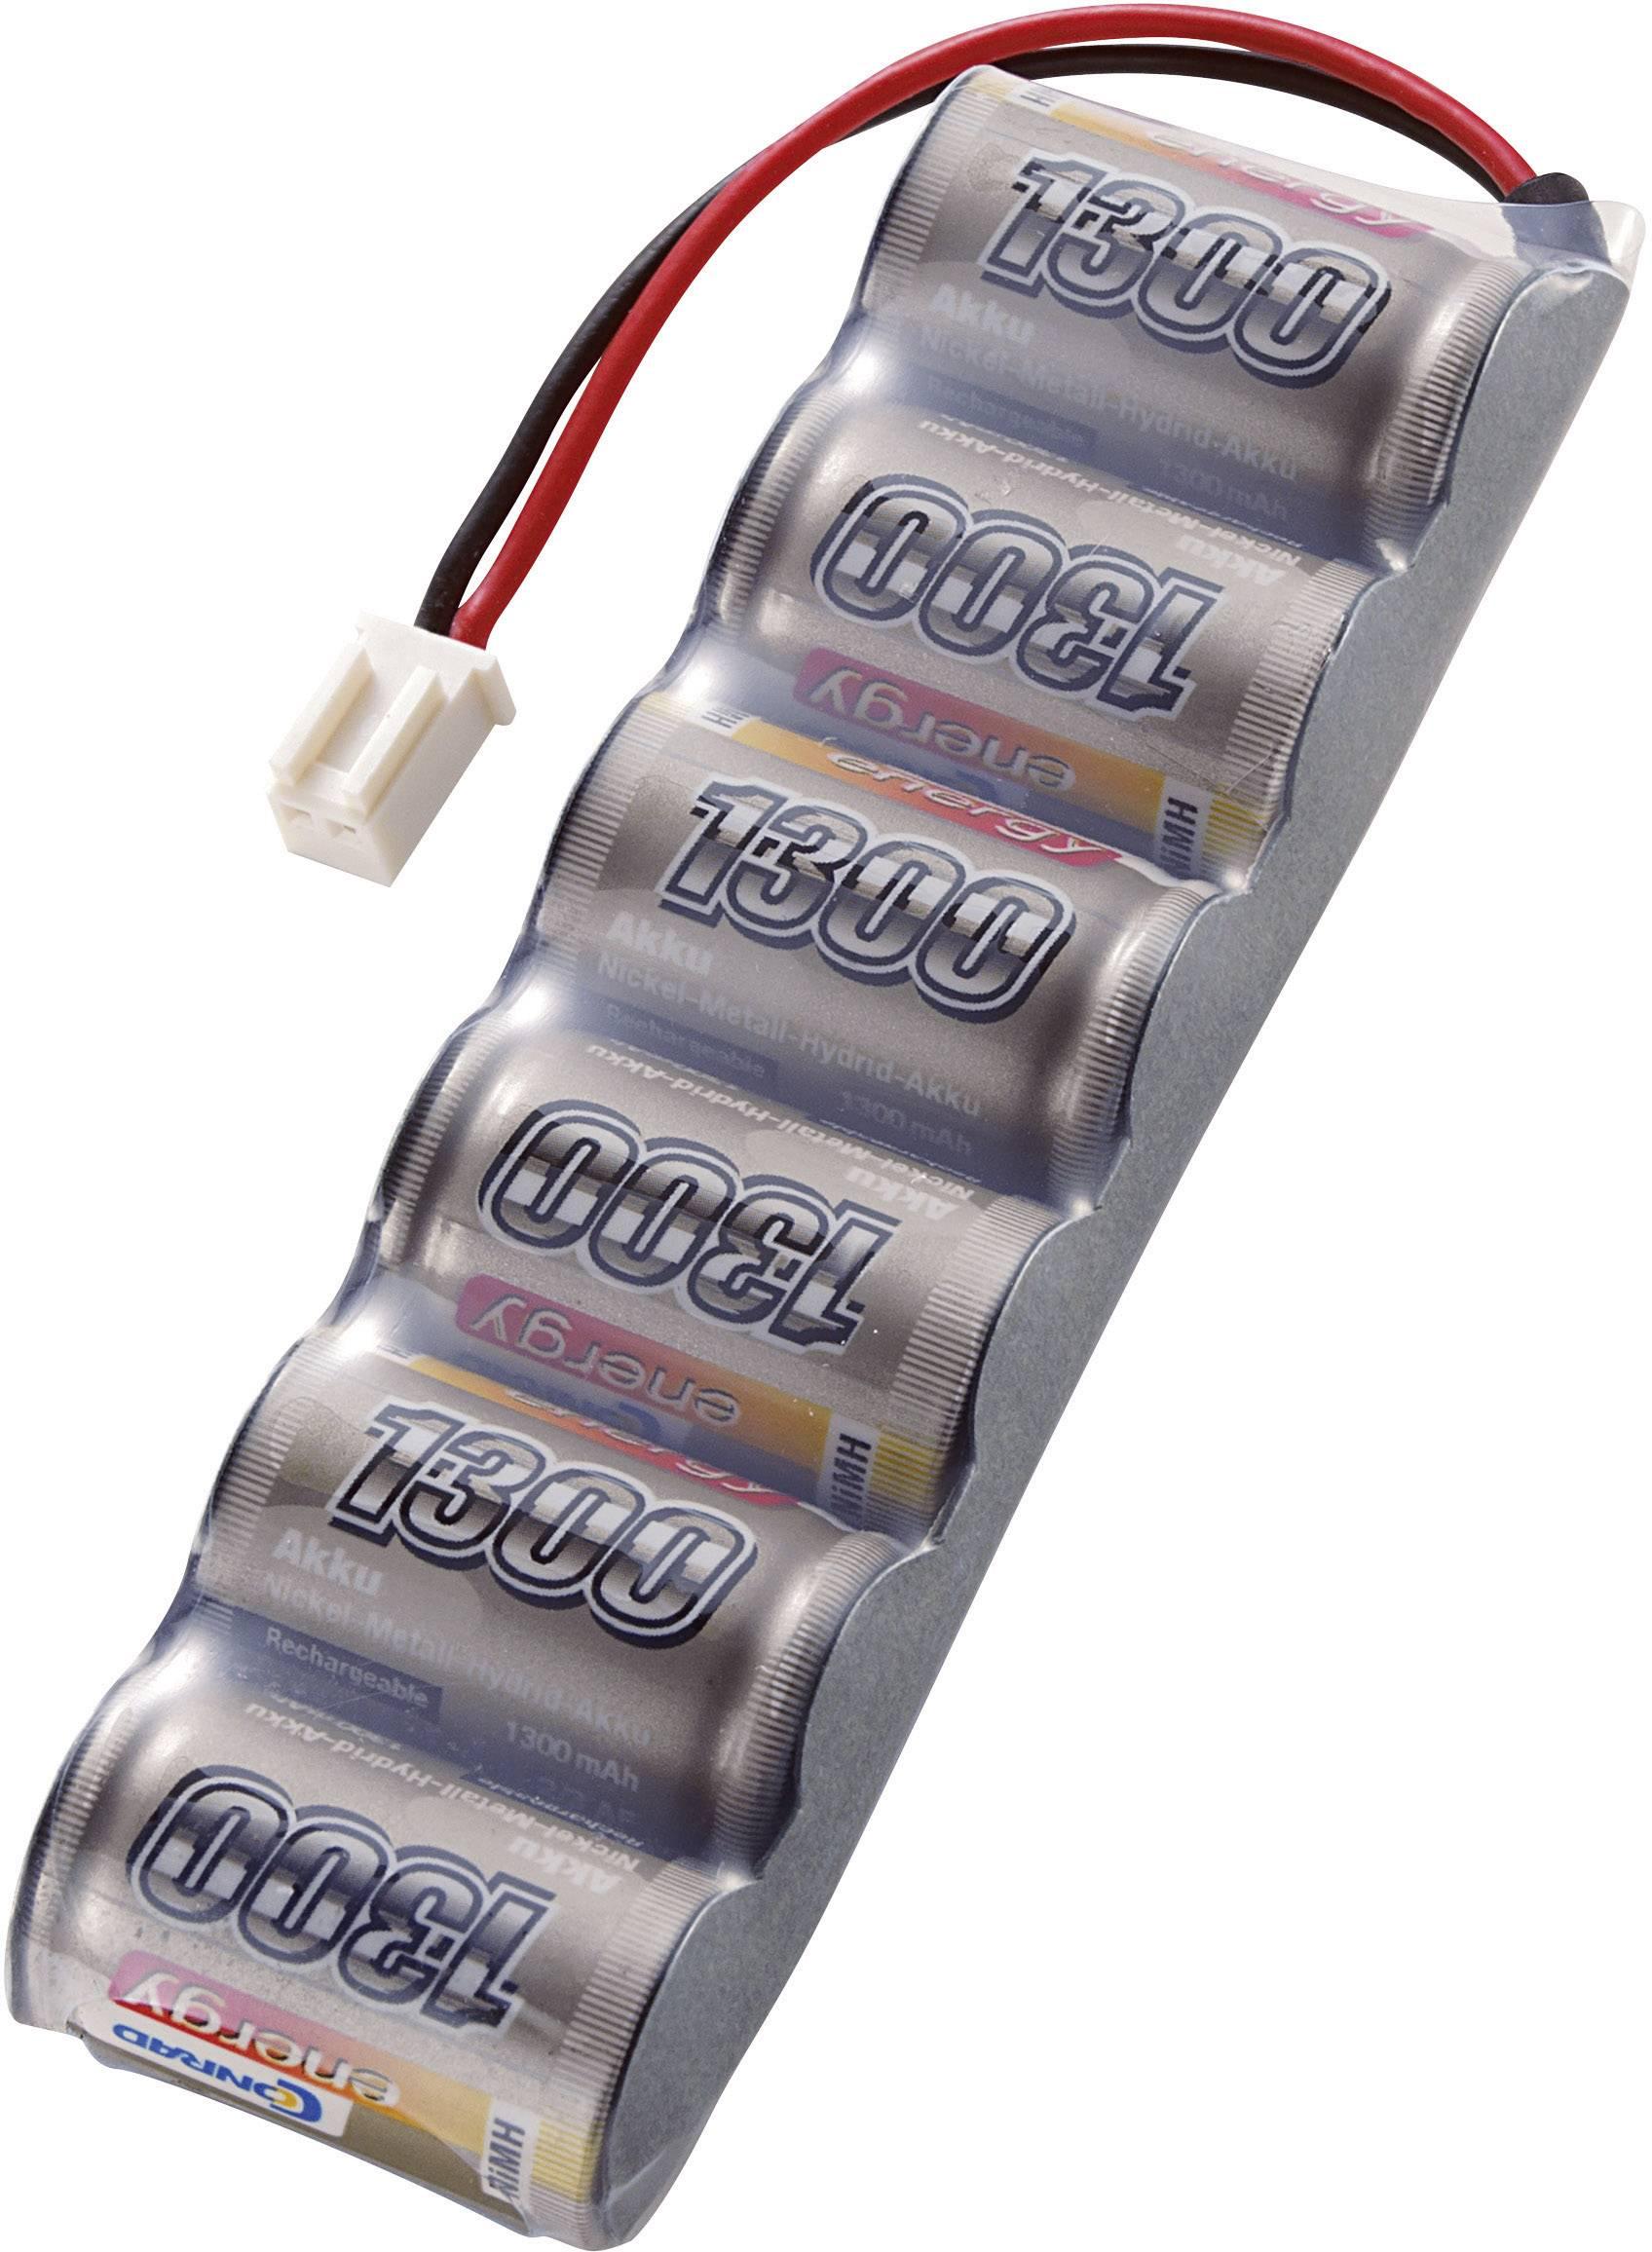 Akupack NiMH Conrad energy 206631, 7.2 V, 1300 mAh